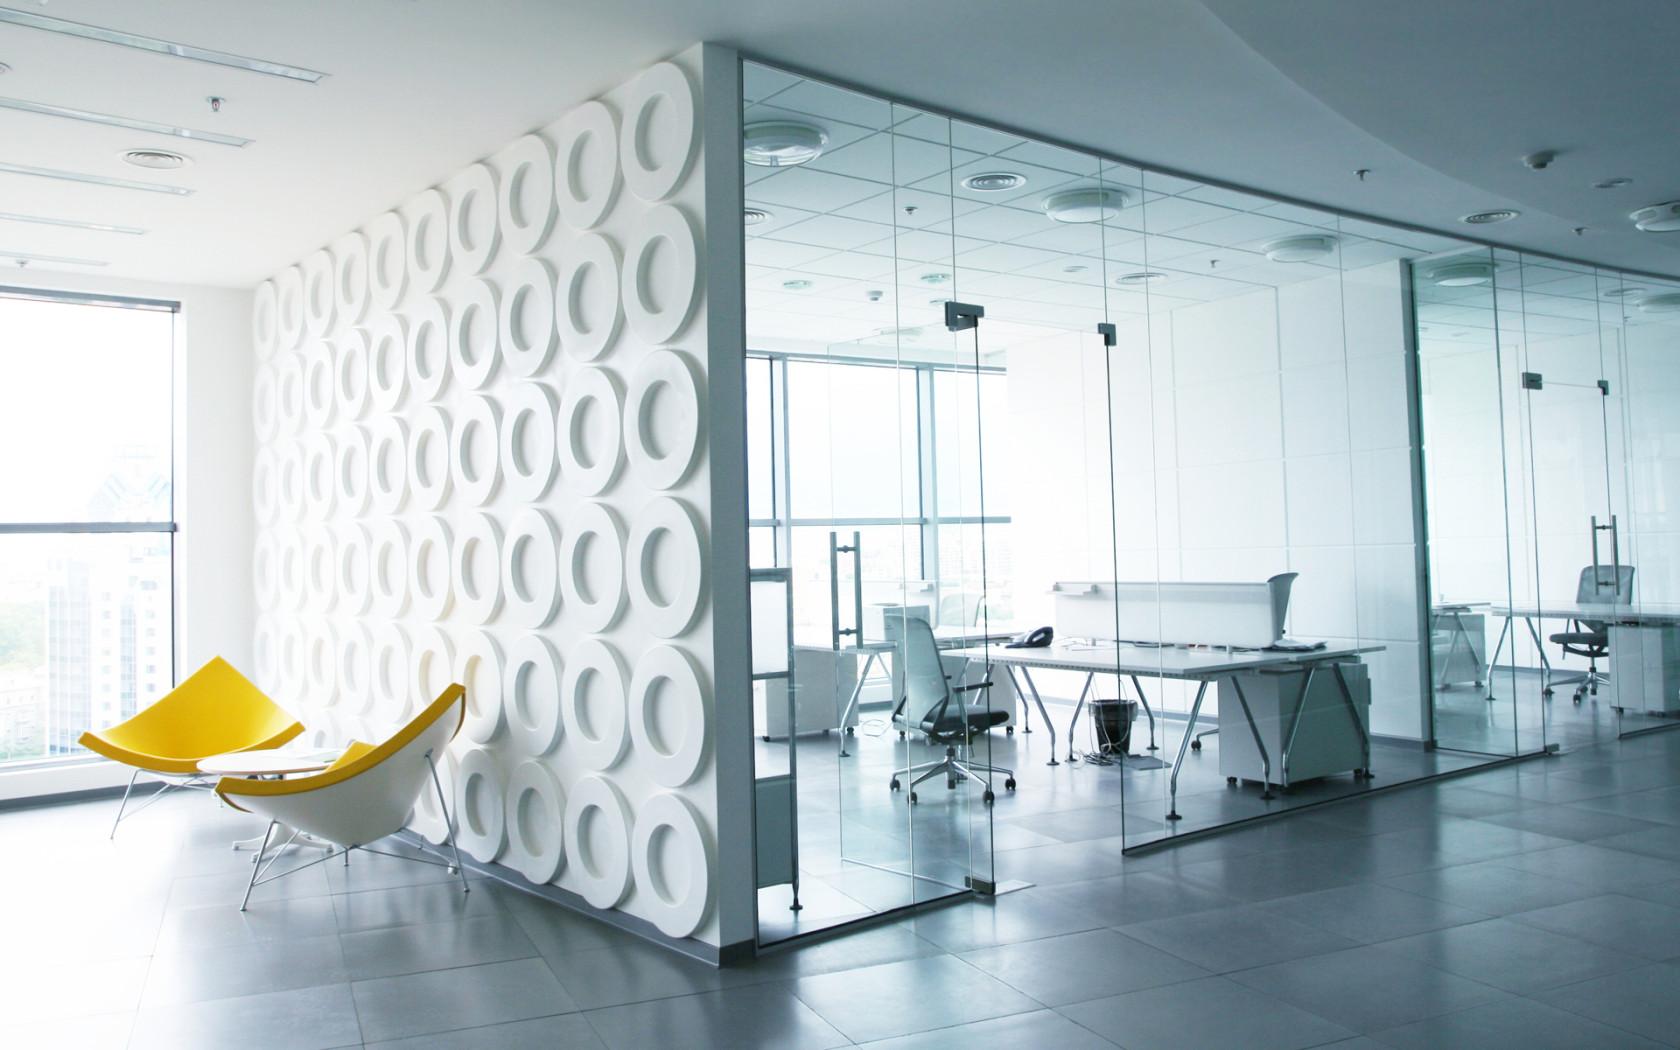 Vendita e affitto ufficio in italia world capital group for Affitto ufficio roma trieste salario